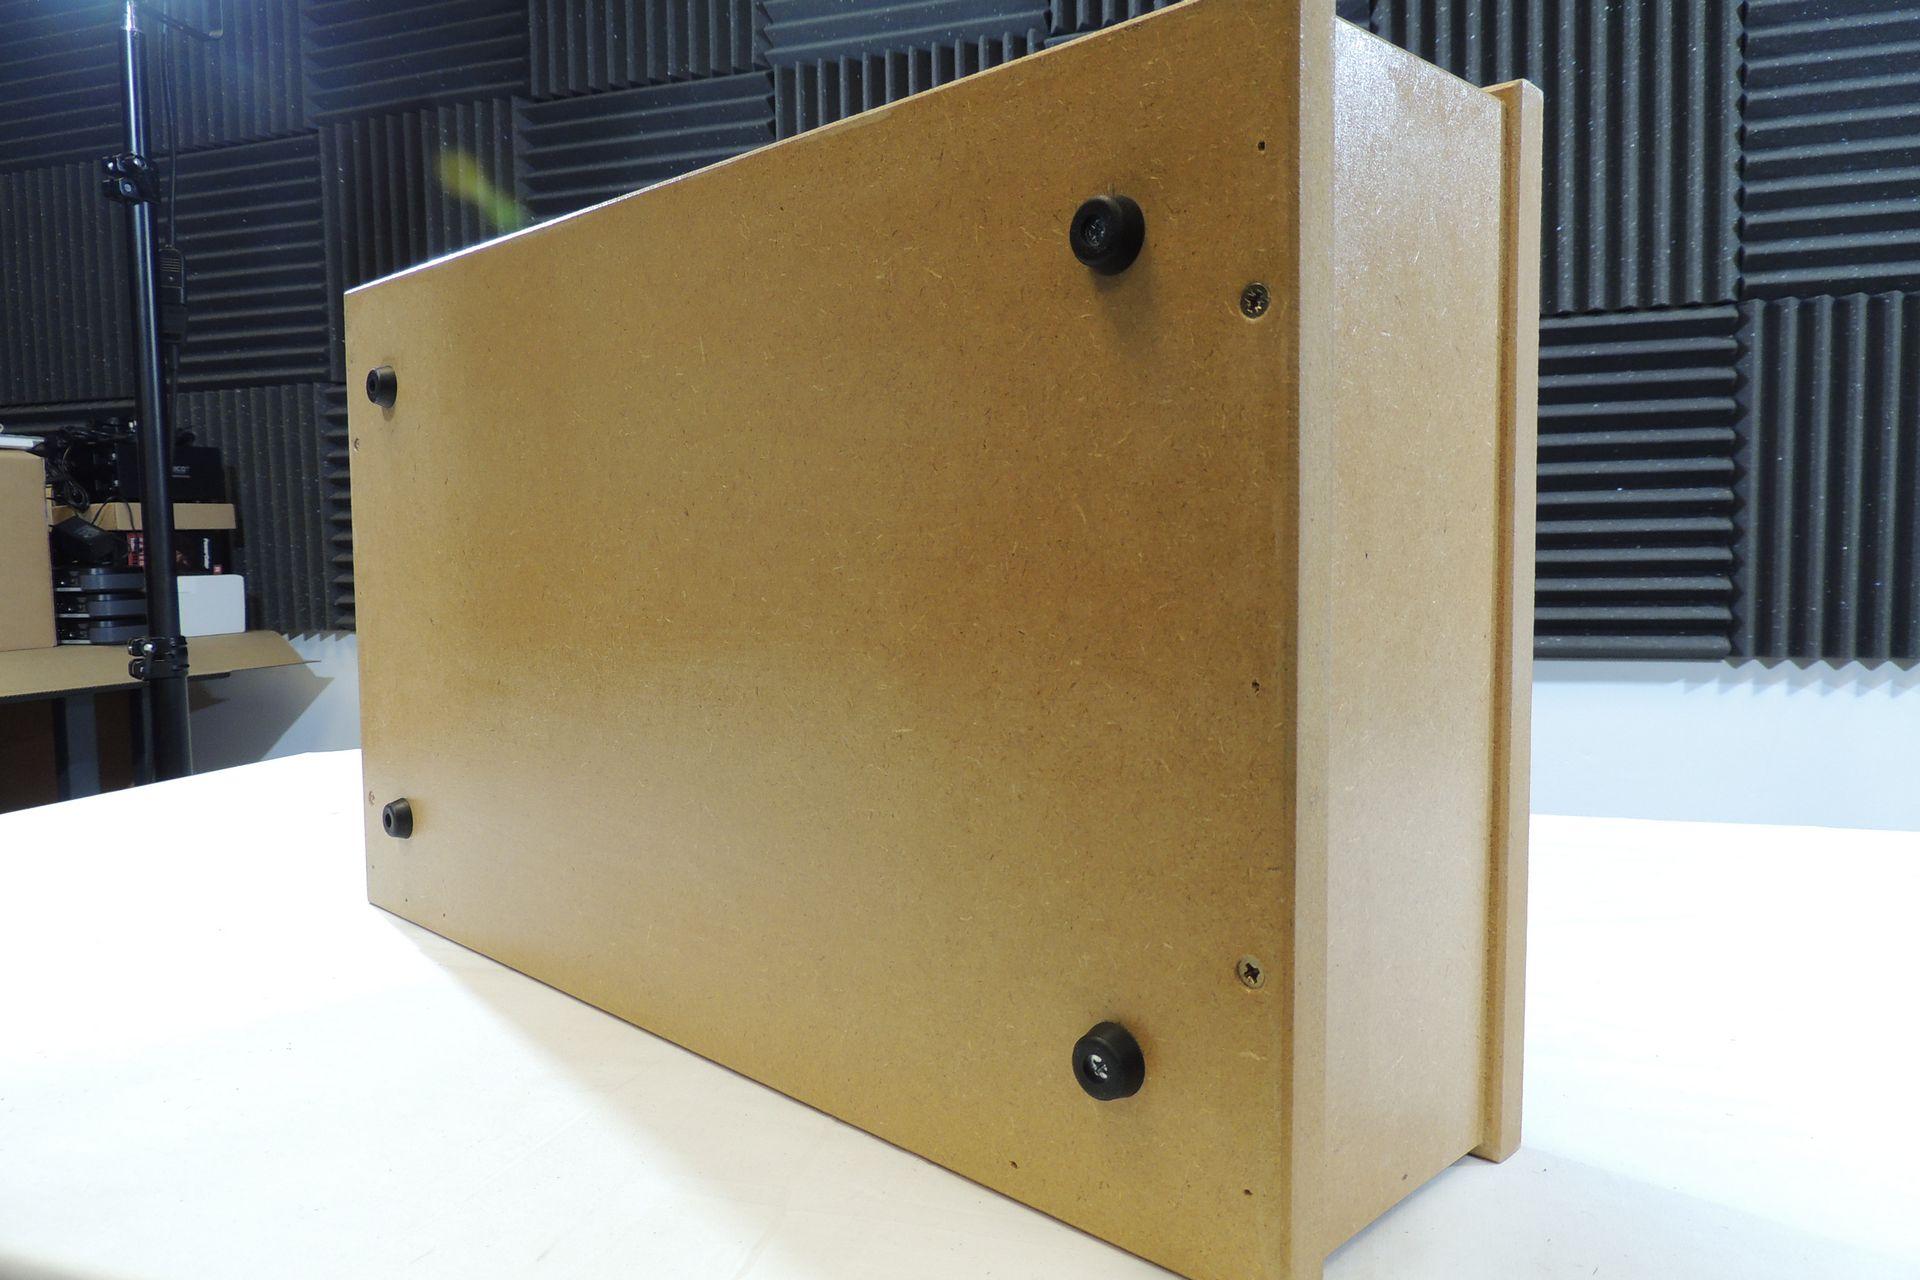 MDF 2U 300mm desktop rack case for sale at Plasma Music